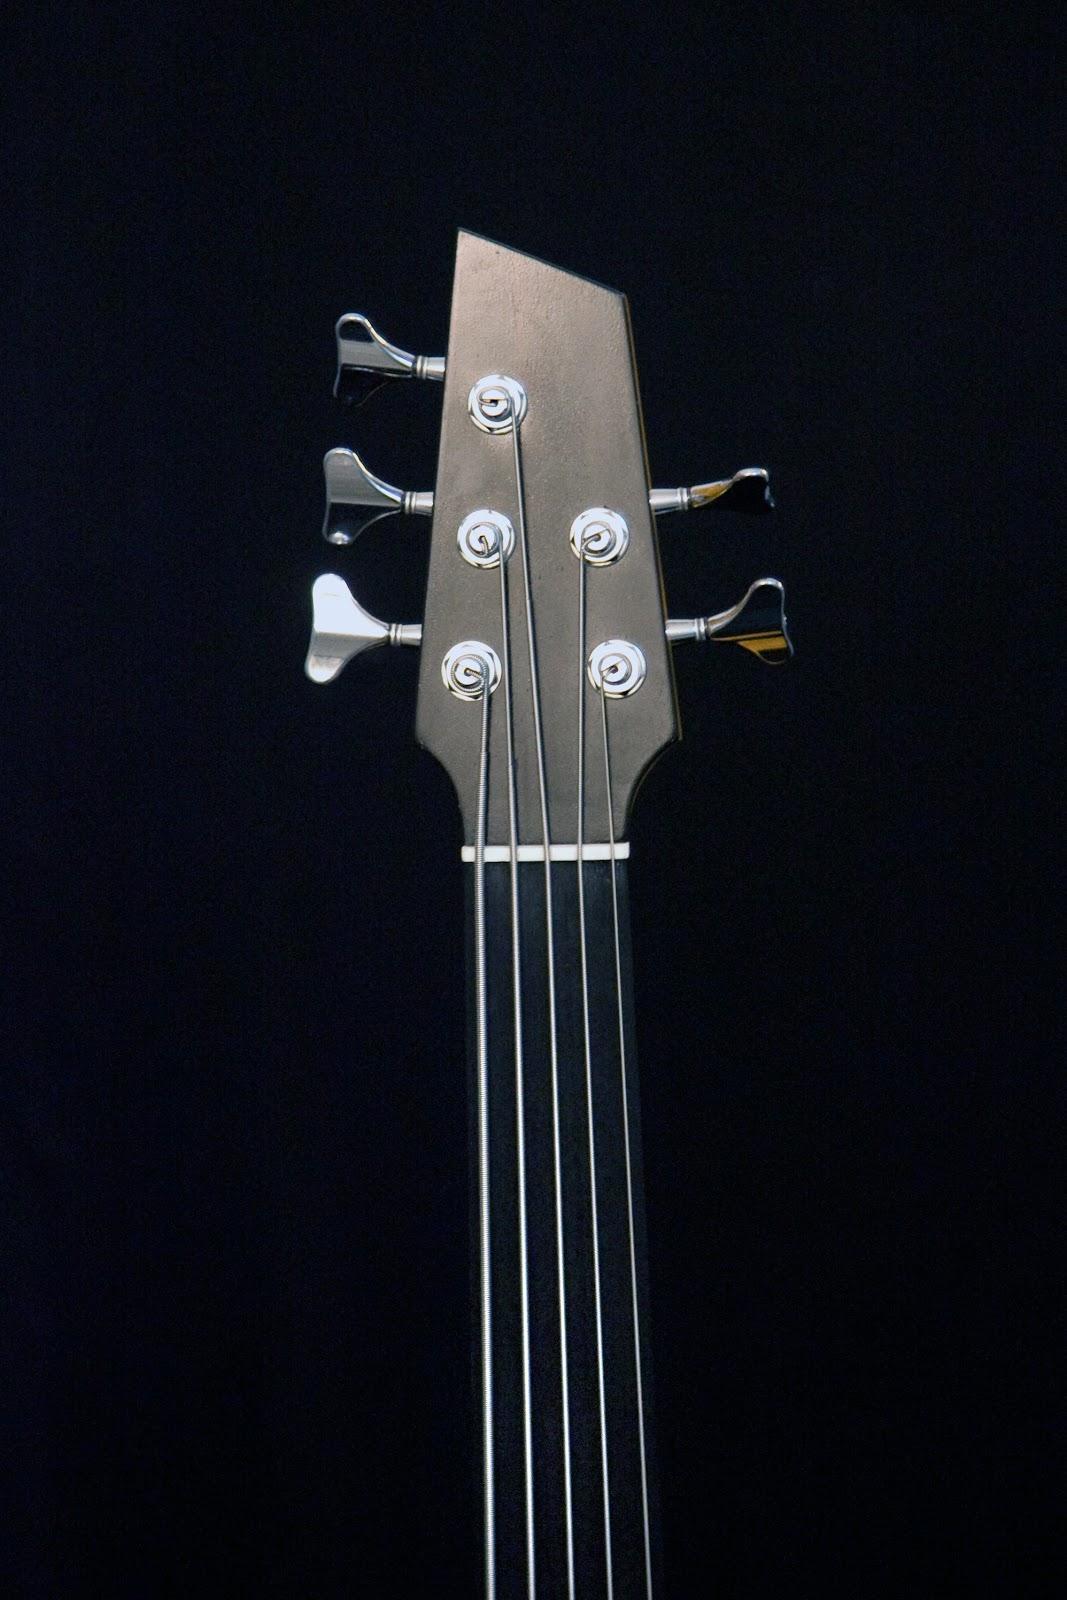 http://1.bp.blogspot.com/--wAwwVnp3Ek/S6pDbuEPxWI/AAAAAAAAp-g/SAkUyQN2cKU/s1600/Five+string+electro-acoustic+bass%252C+Ebony+headstock+and+Ebony+fingerboard%252C+bone+nut.JPG